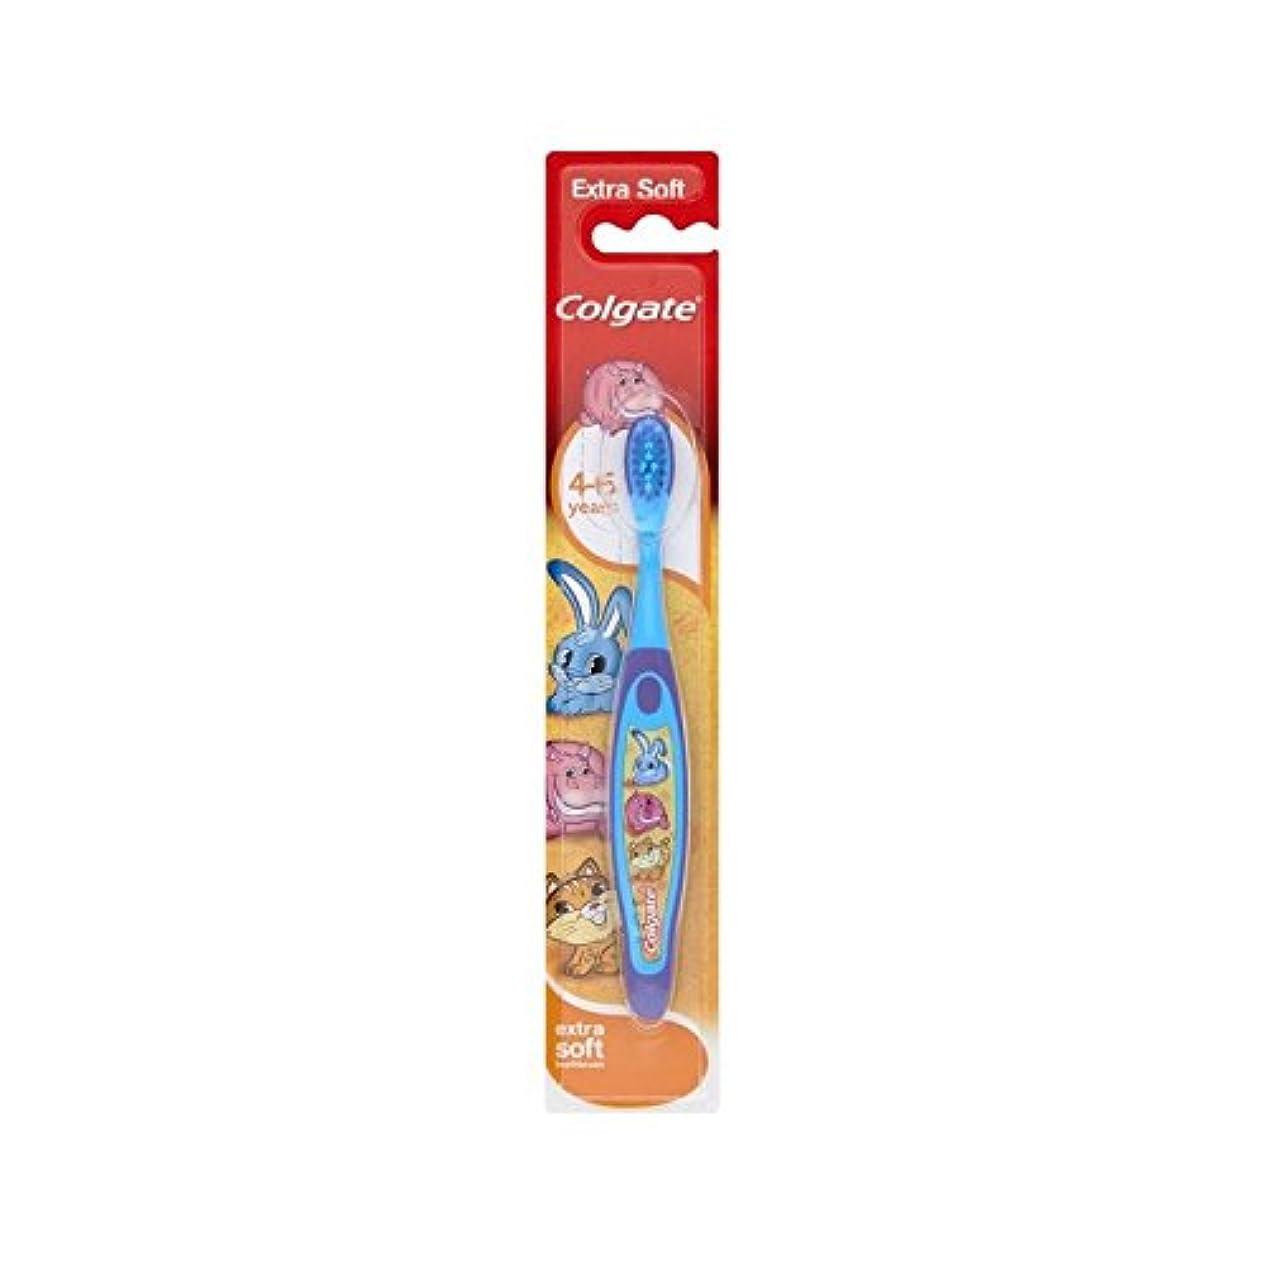 勇敢な家庭リスク4-6歳の歯ブラシを笑顔 (Colgate) (x 4) - Colgate Smiles 4-6 Years Old Toothbrush (Pack of 4) [並行輸入品]